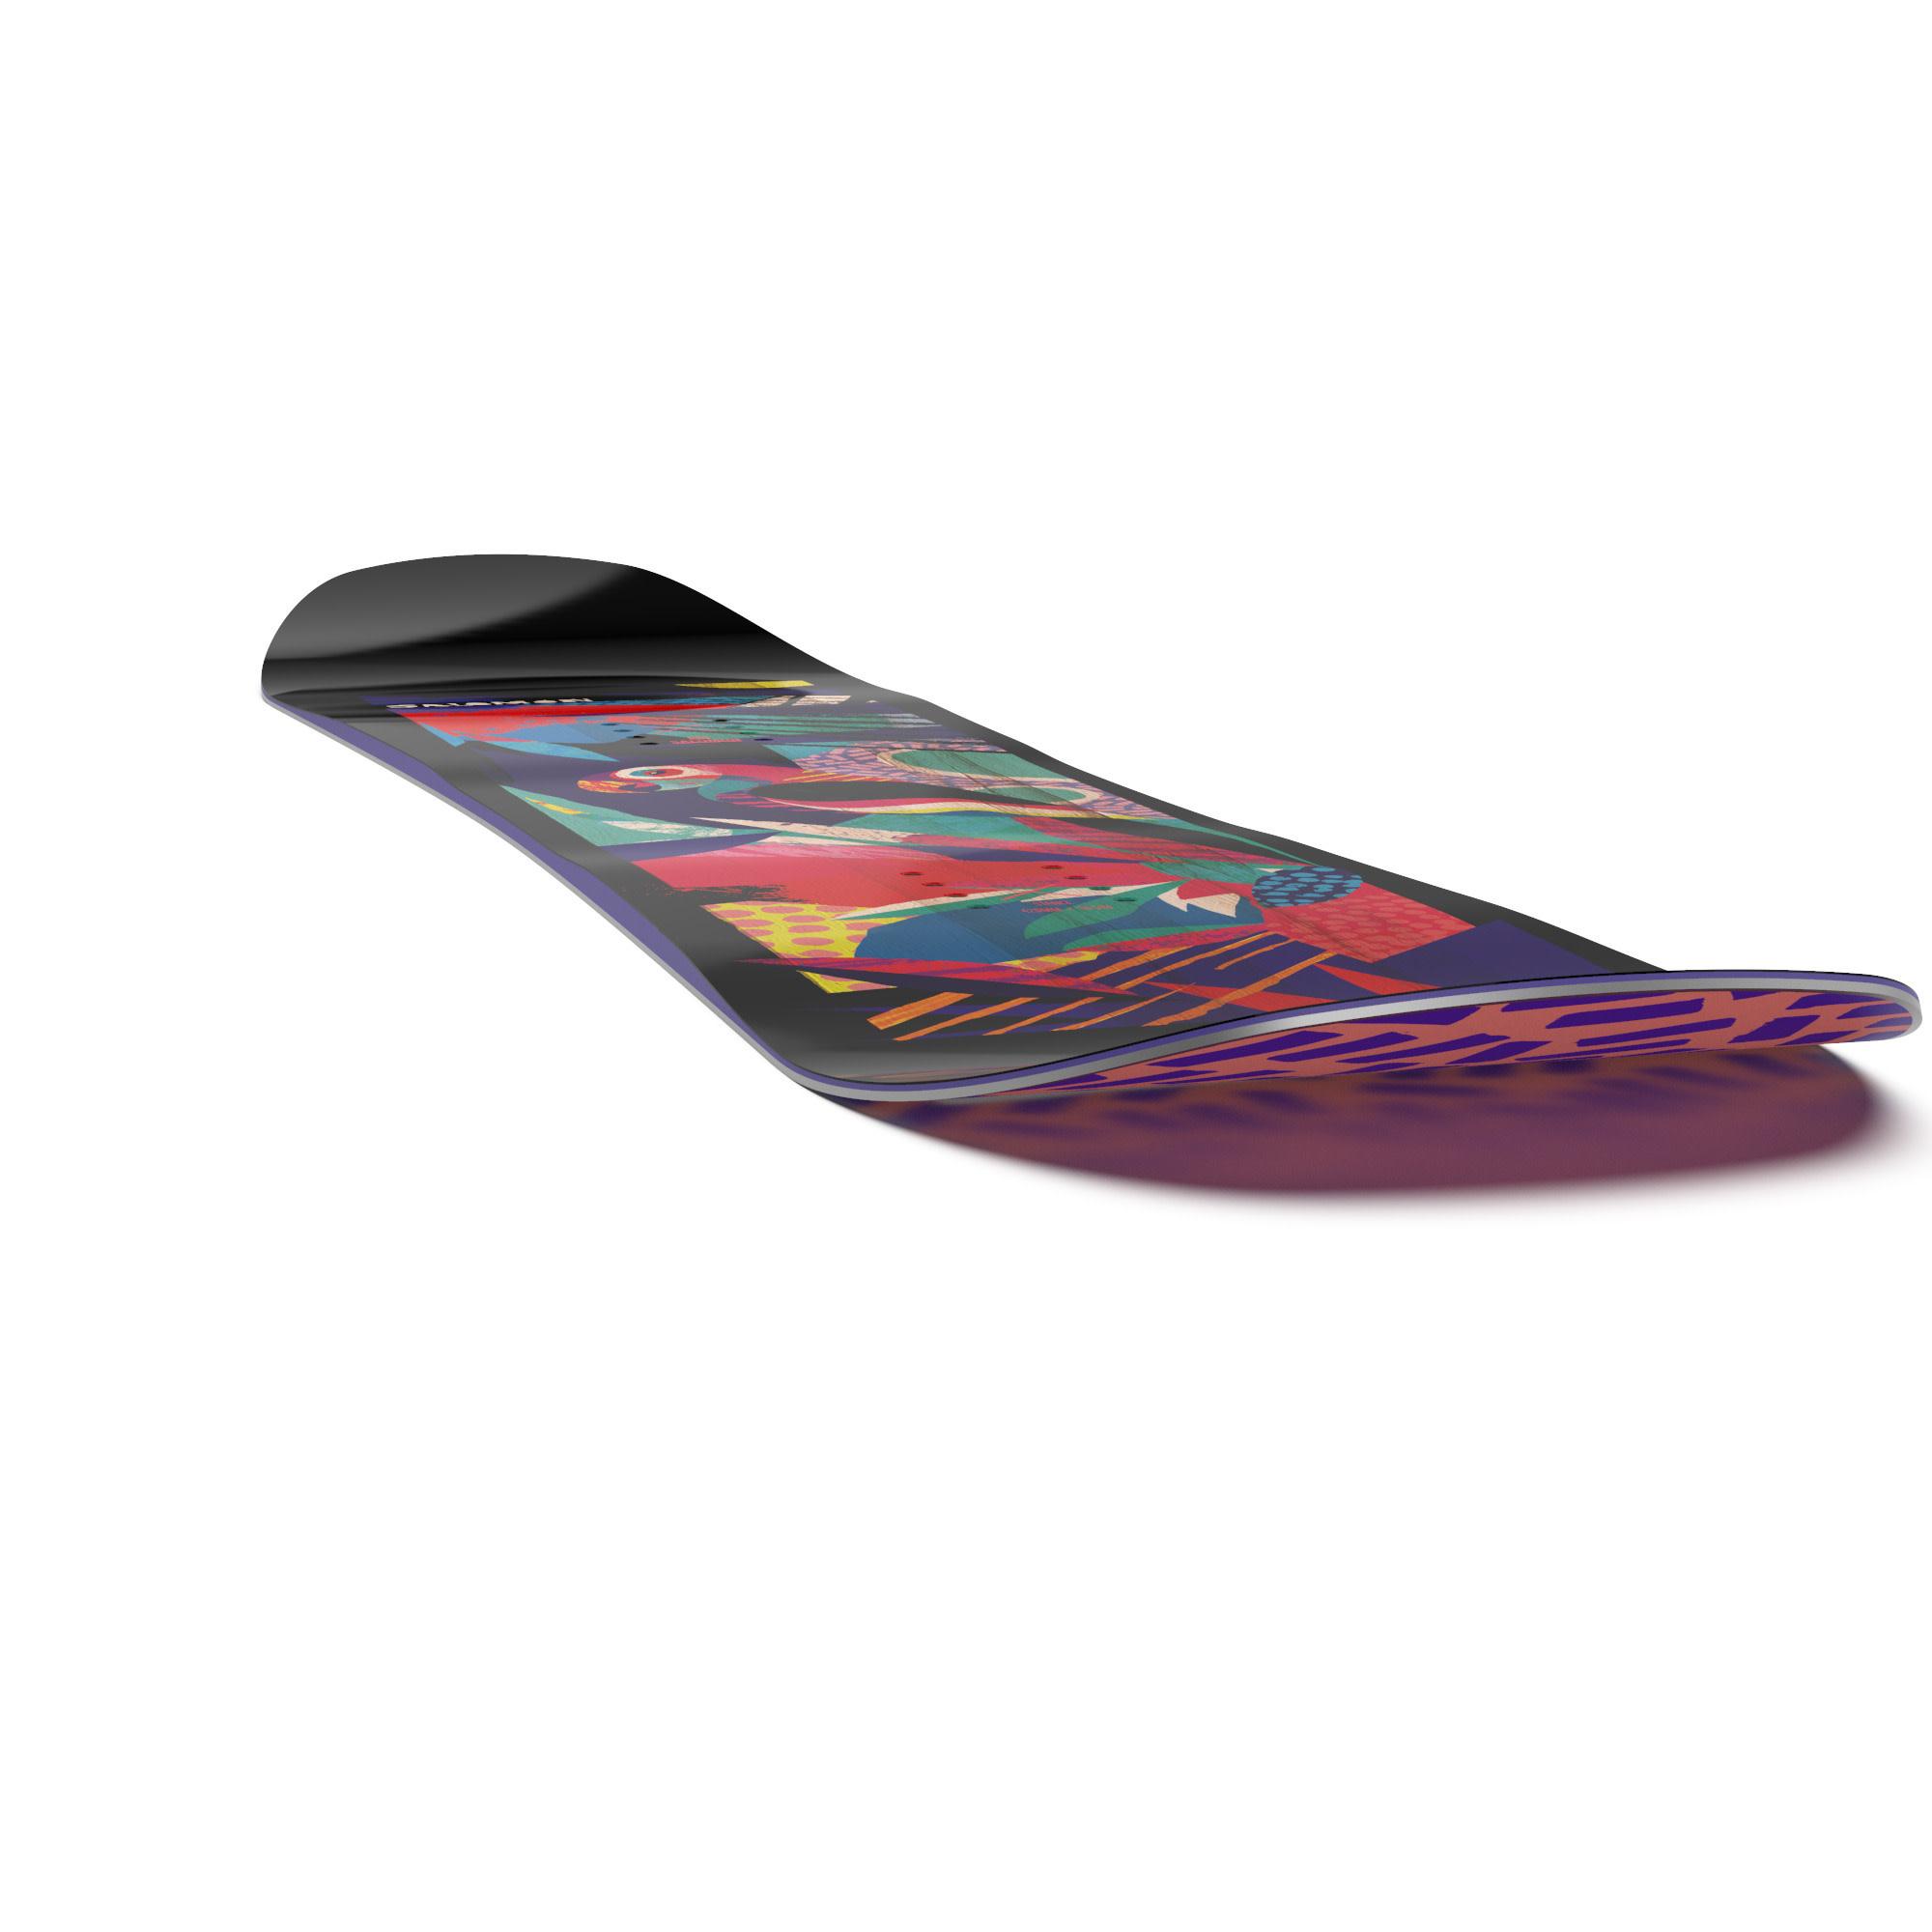 Salomon Snowboard Salomon Girls Jr Grace Snowboard (2022)